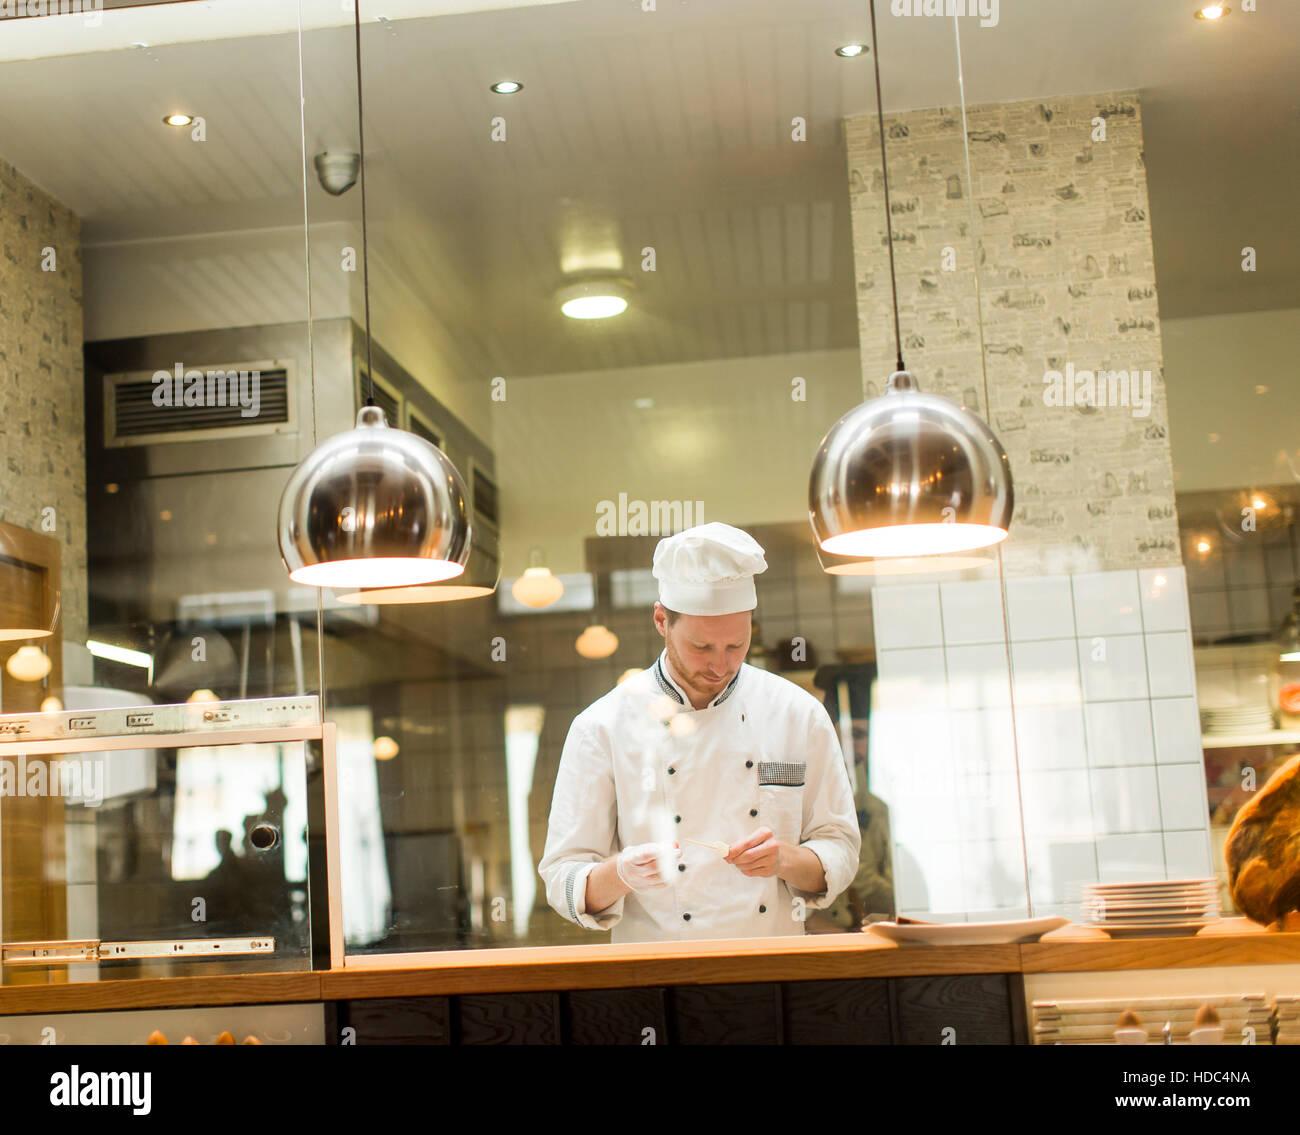 Jeune chef avec uniforme blanc debout à une cuisine moderne dans le restaurant et la préparation des aliments Photo Stock